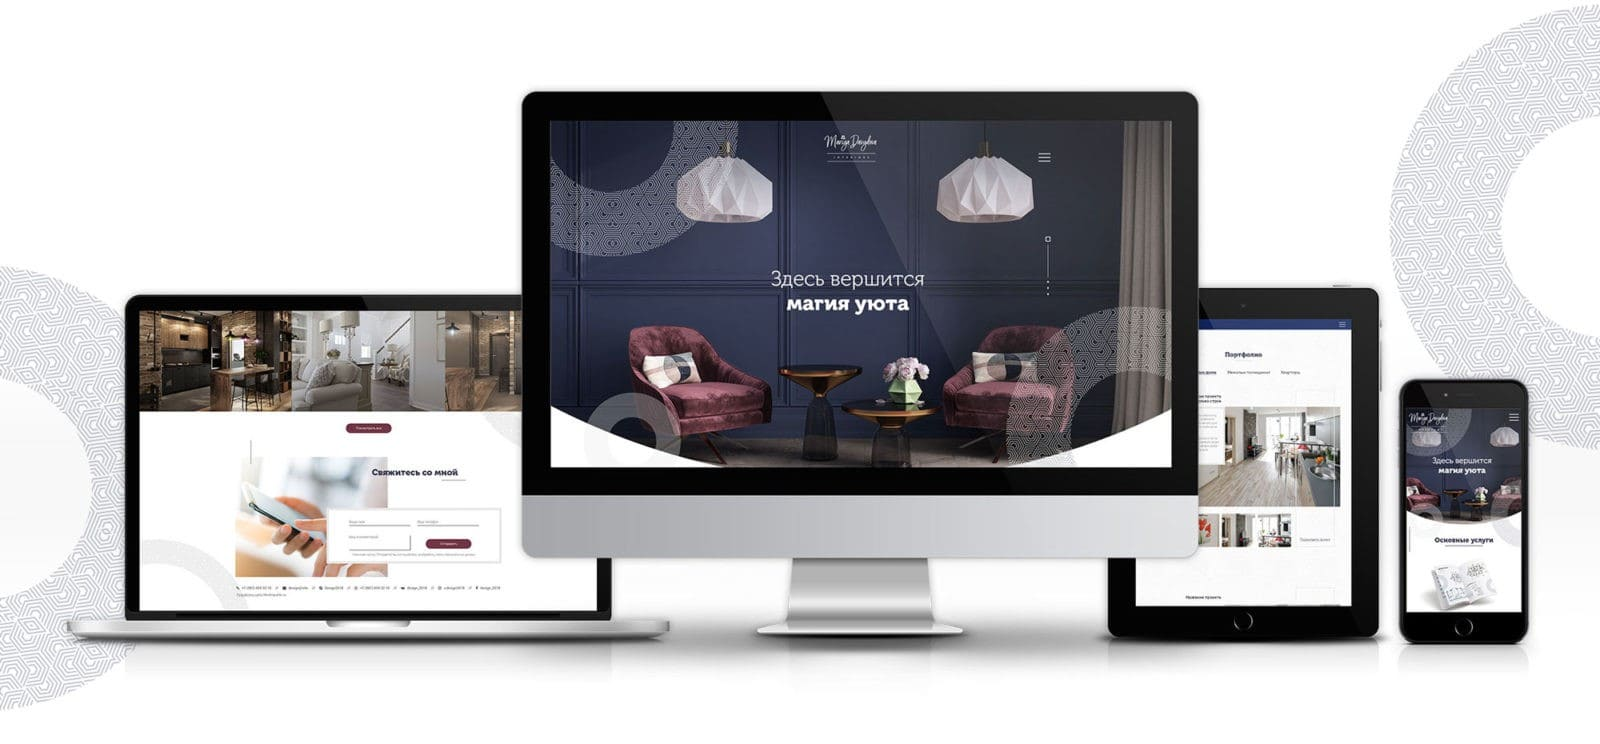 современный веб дизайн сайта адаптивный дизайн